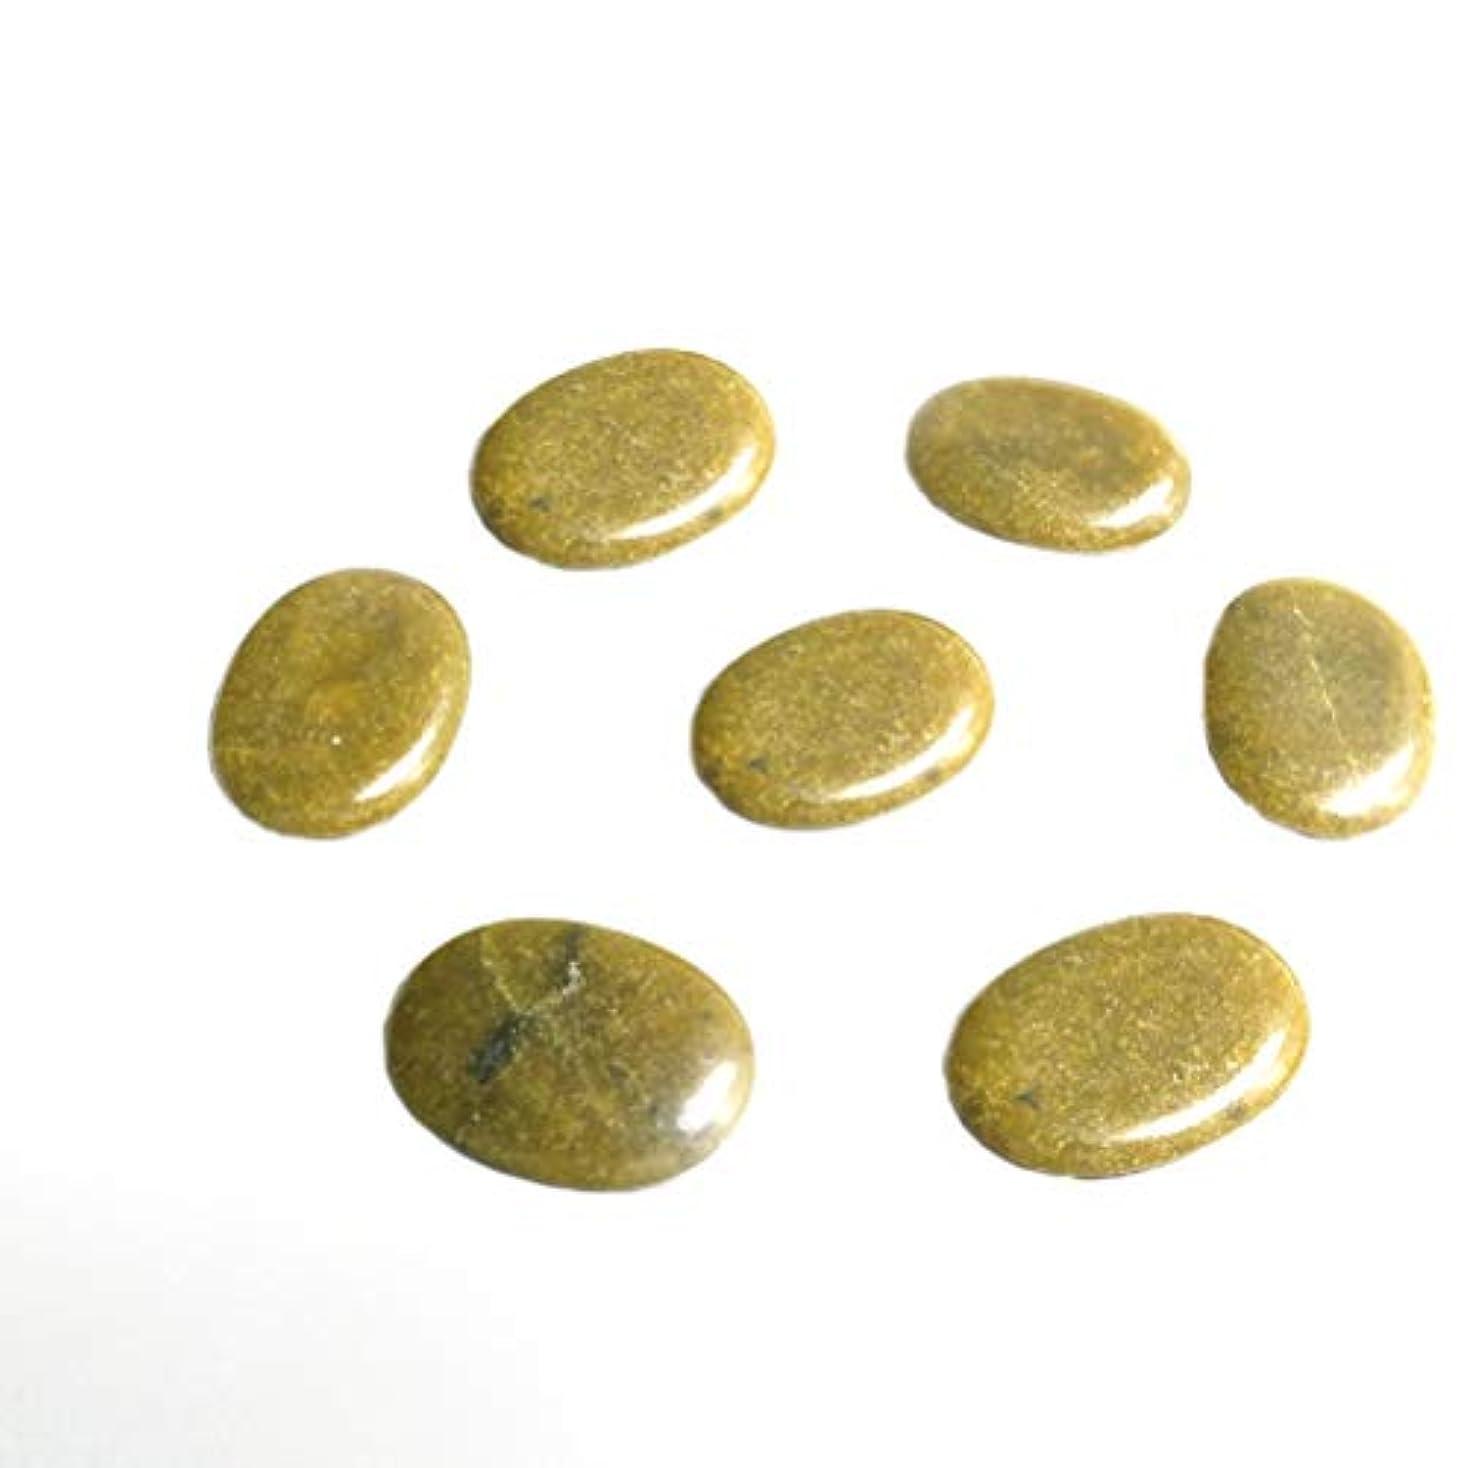 ホーム音人気のSUPVOX スパマッサージ療法のための8個のマッサージホットストーングーシャロックマッサージツールウォーマー(グリーン)